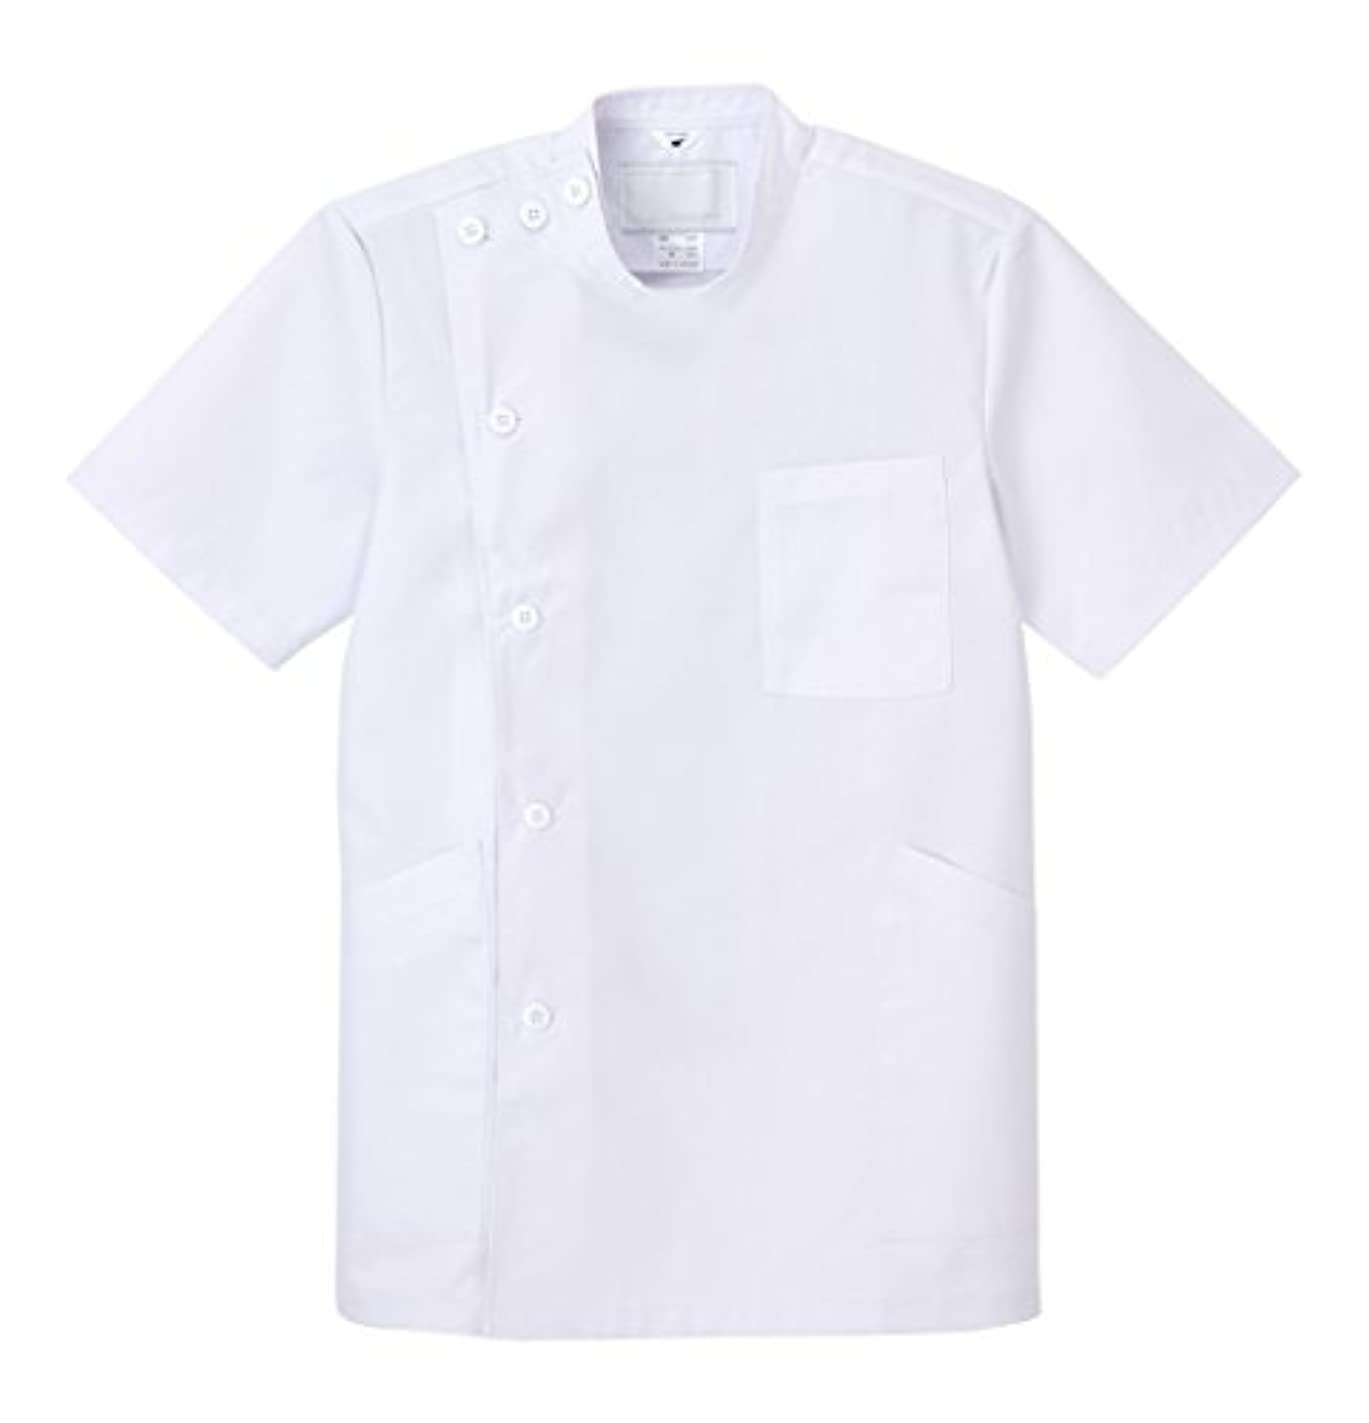 多年生意識的鈍いナガイレーベン NAGAILEBEN 男子横掛半袖 EP-167(BL)ホワイト